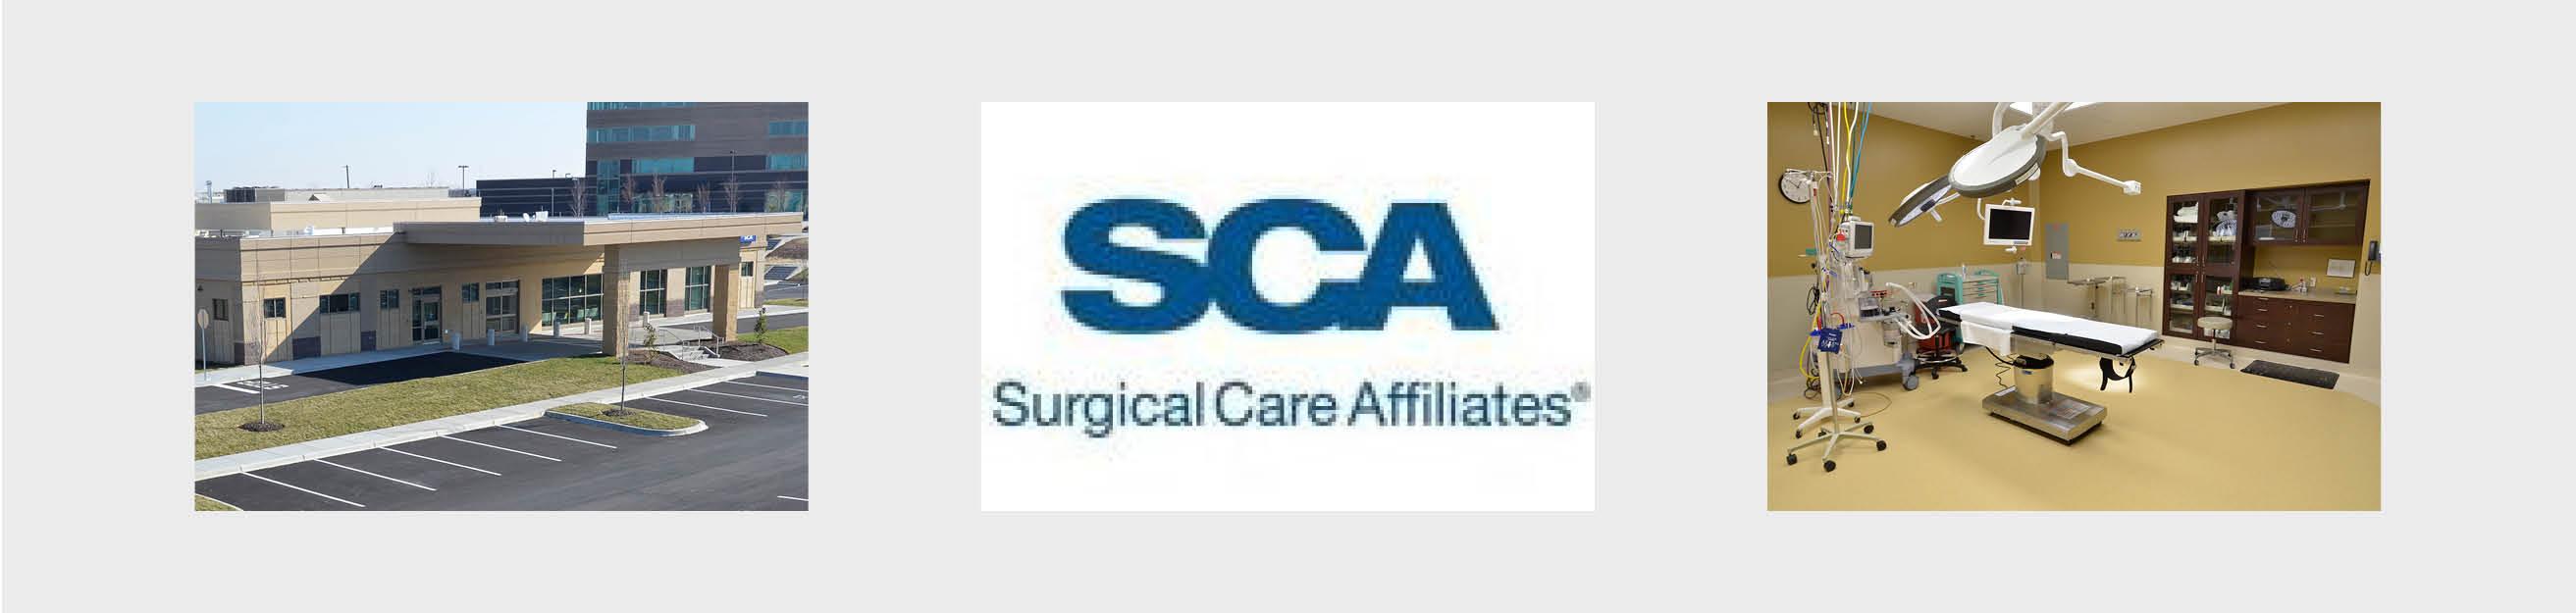 SCA Photos